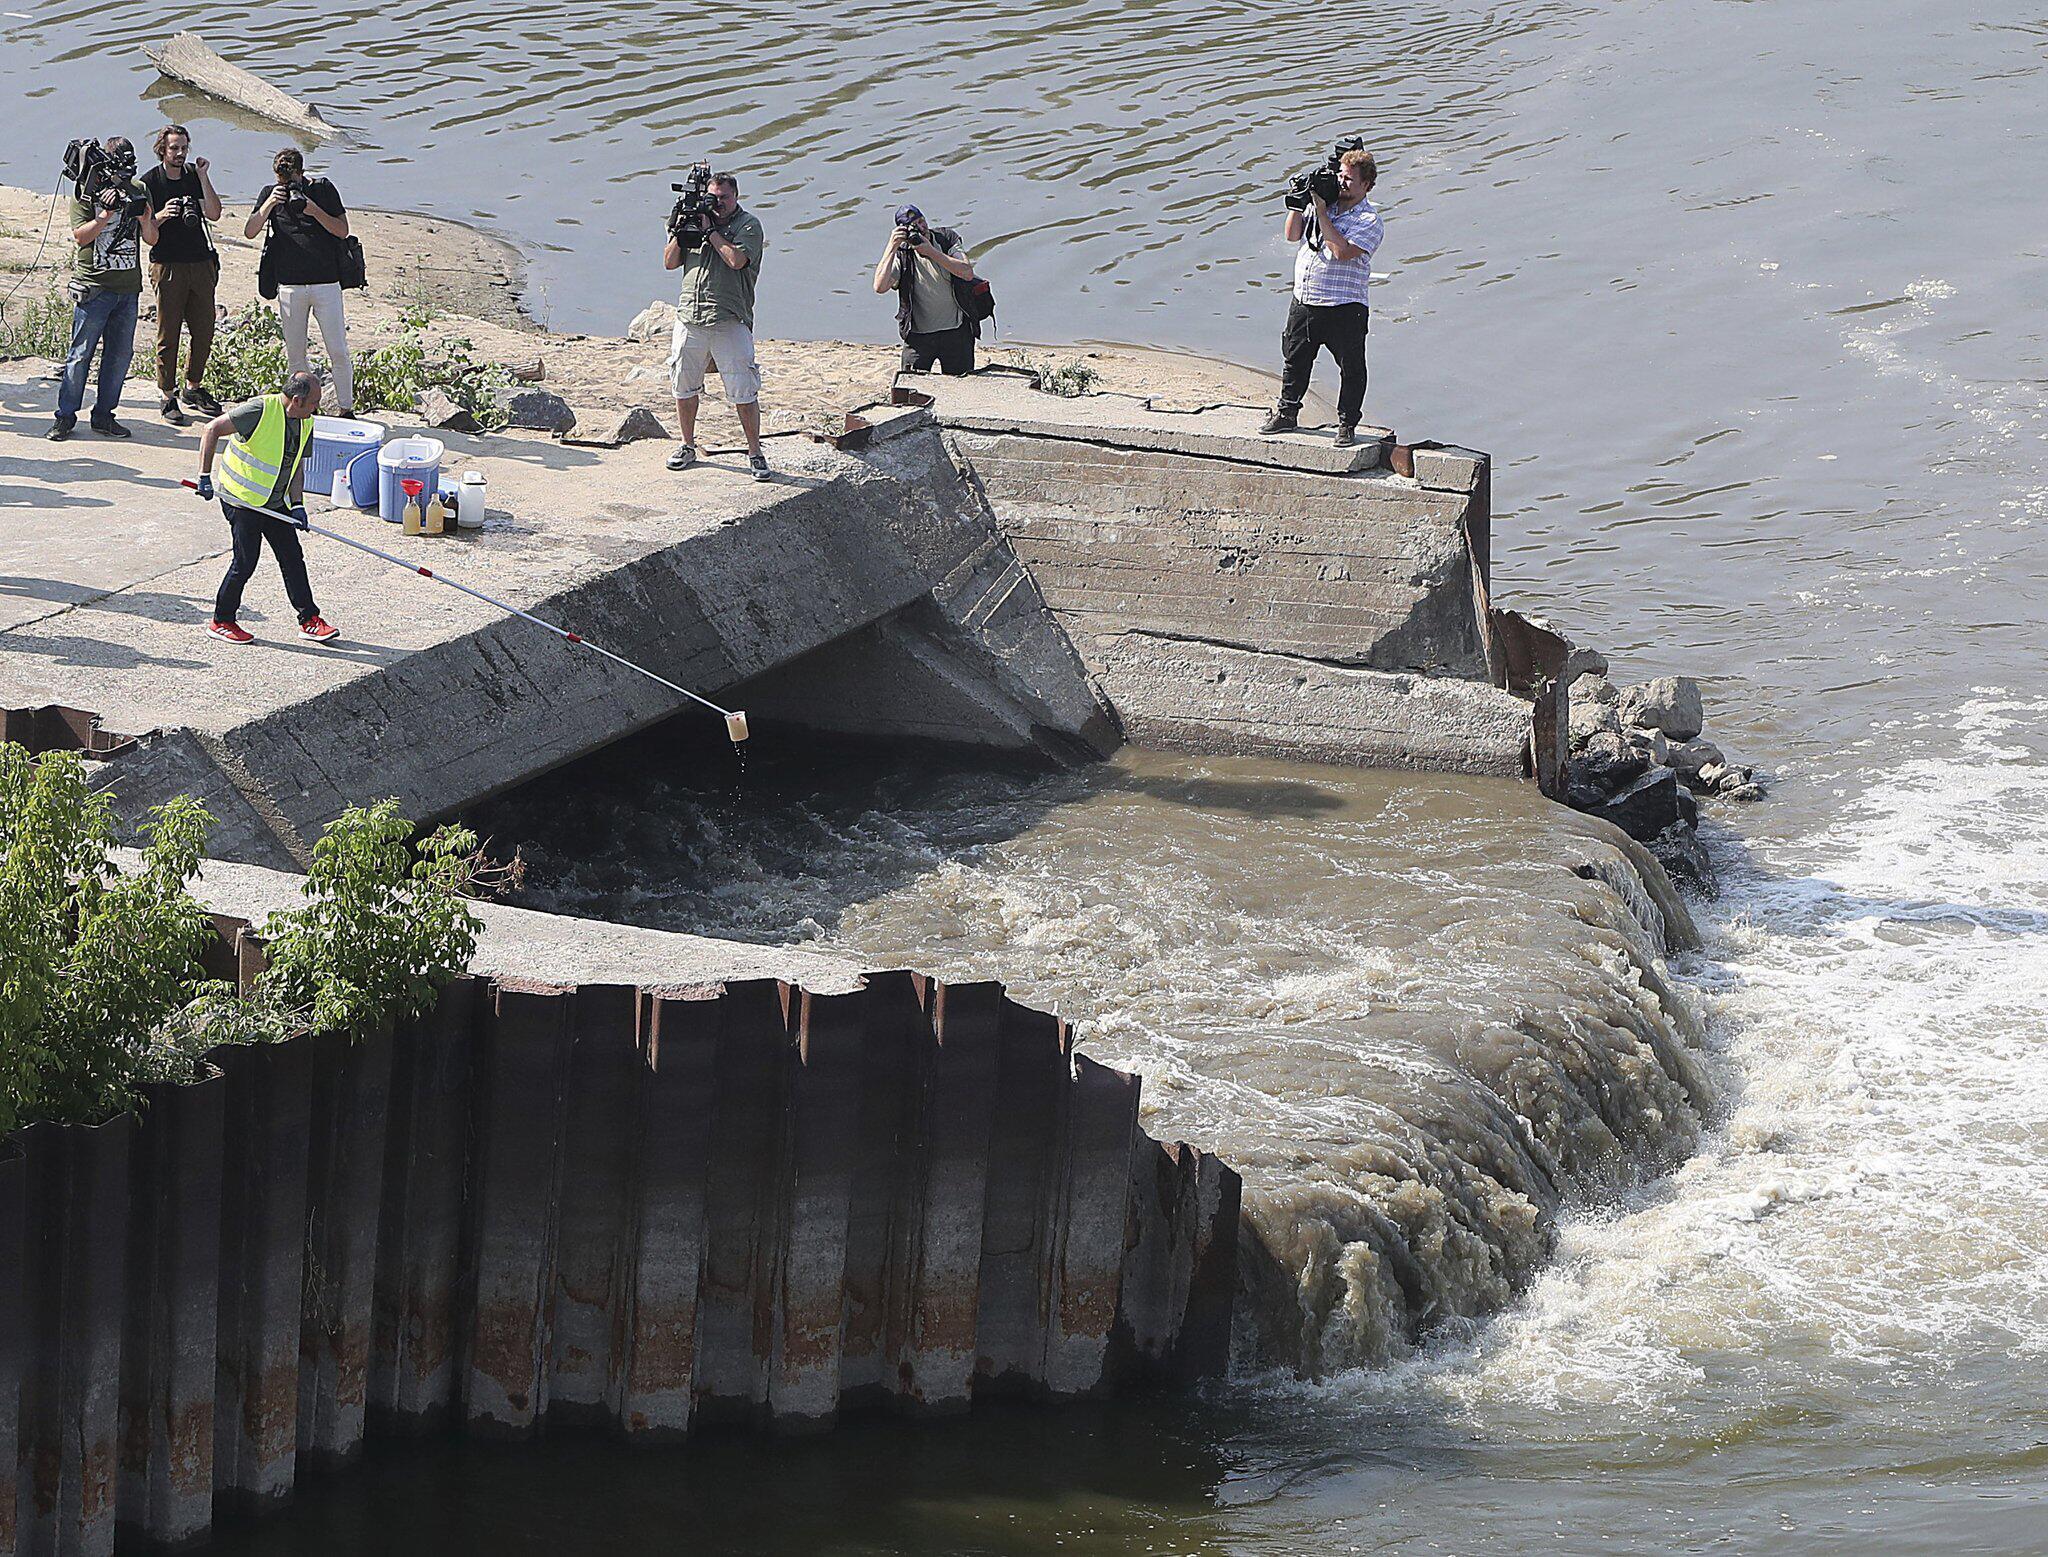 Bild zu Warschauer Kanalisation - Abwasser fliesst in die Weichsel